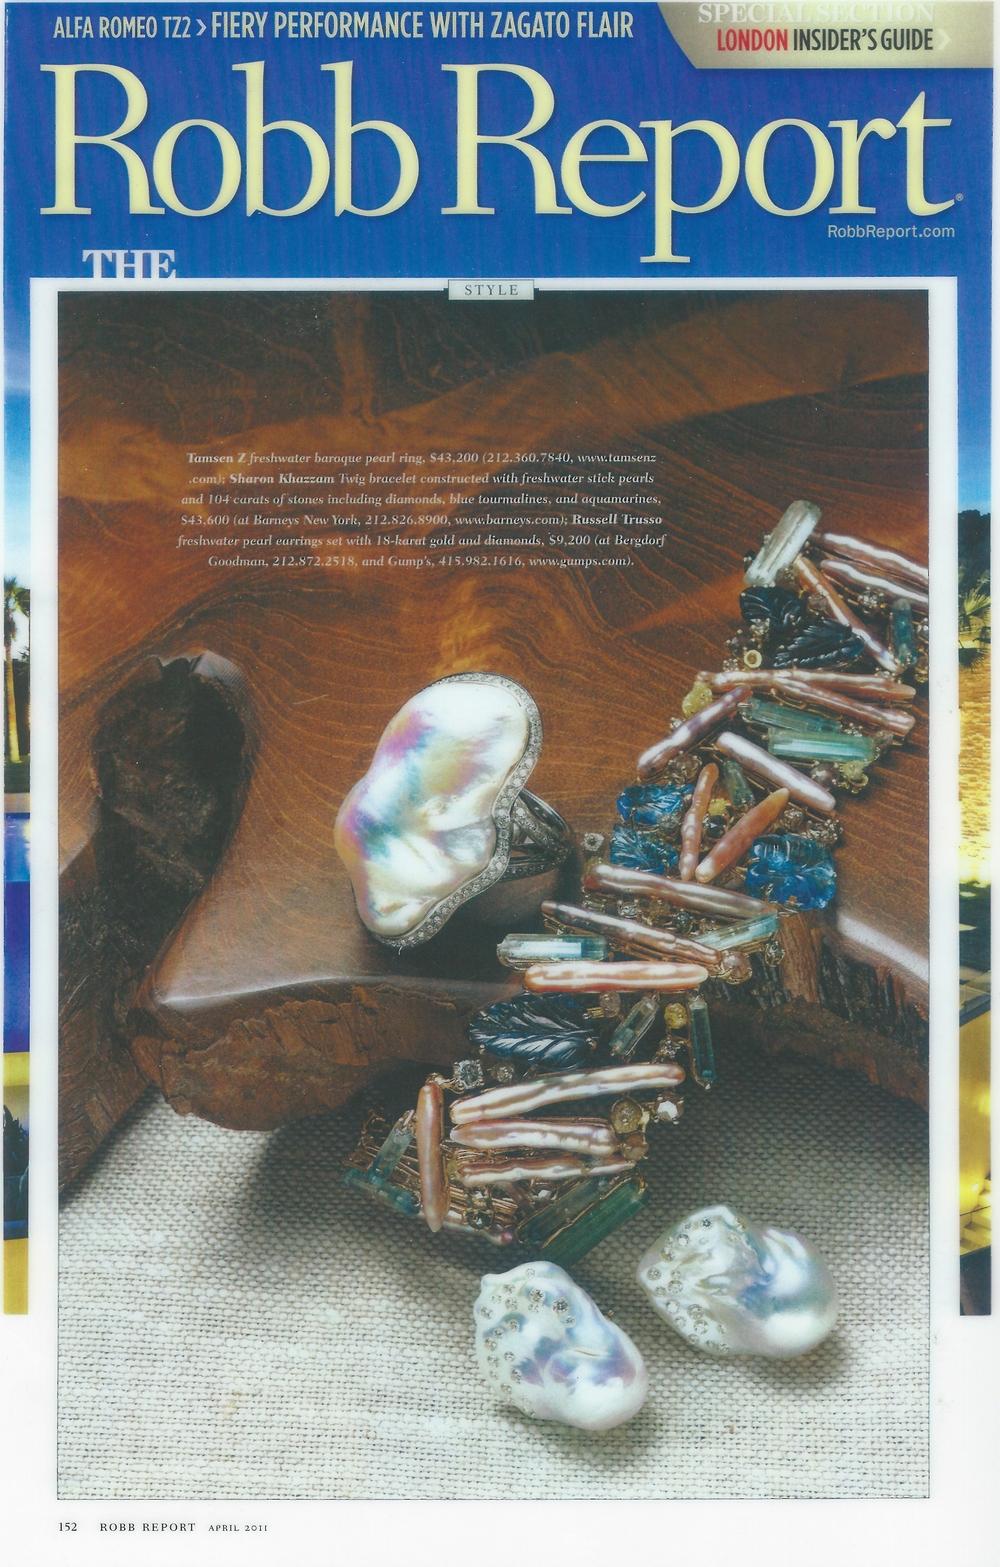 2011-Robb Report-Twig Bracelet.jpg